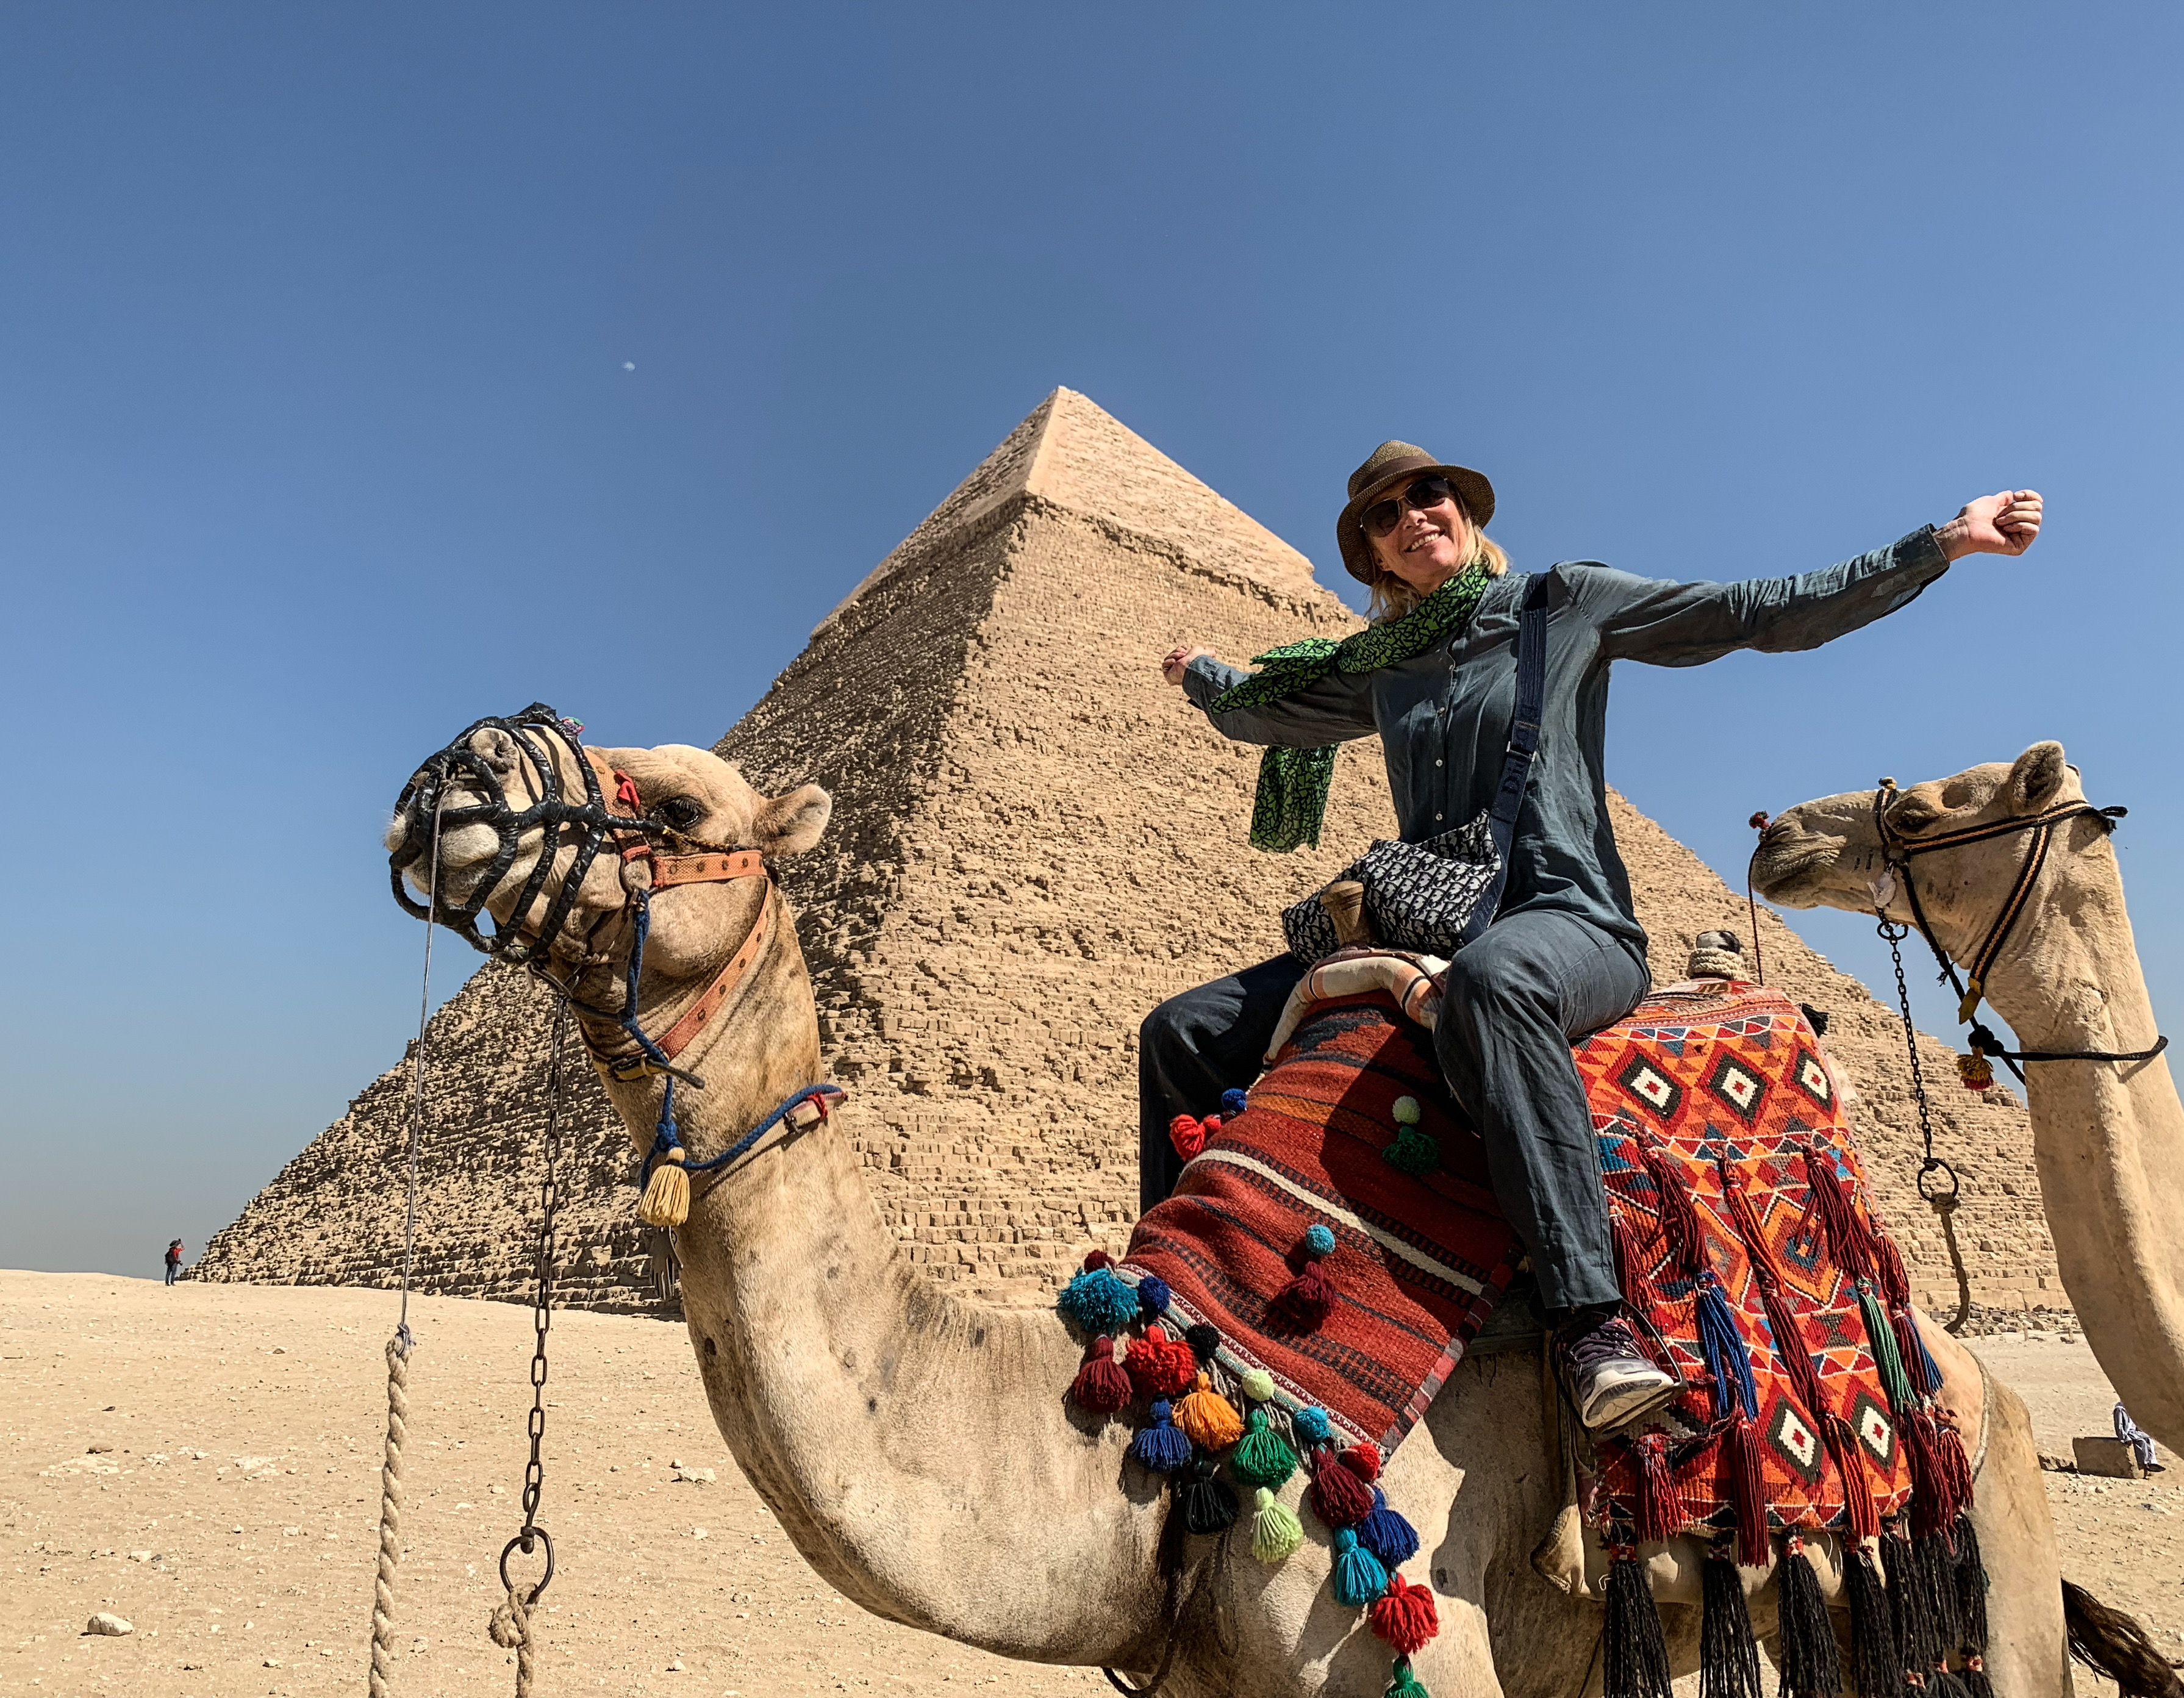 egypt.pyramid-camel-freddy-silva-bodil-fuhr